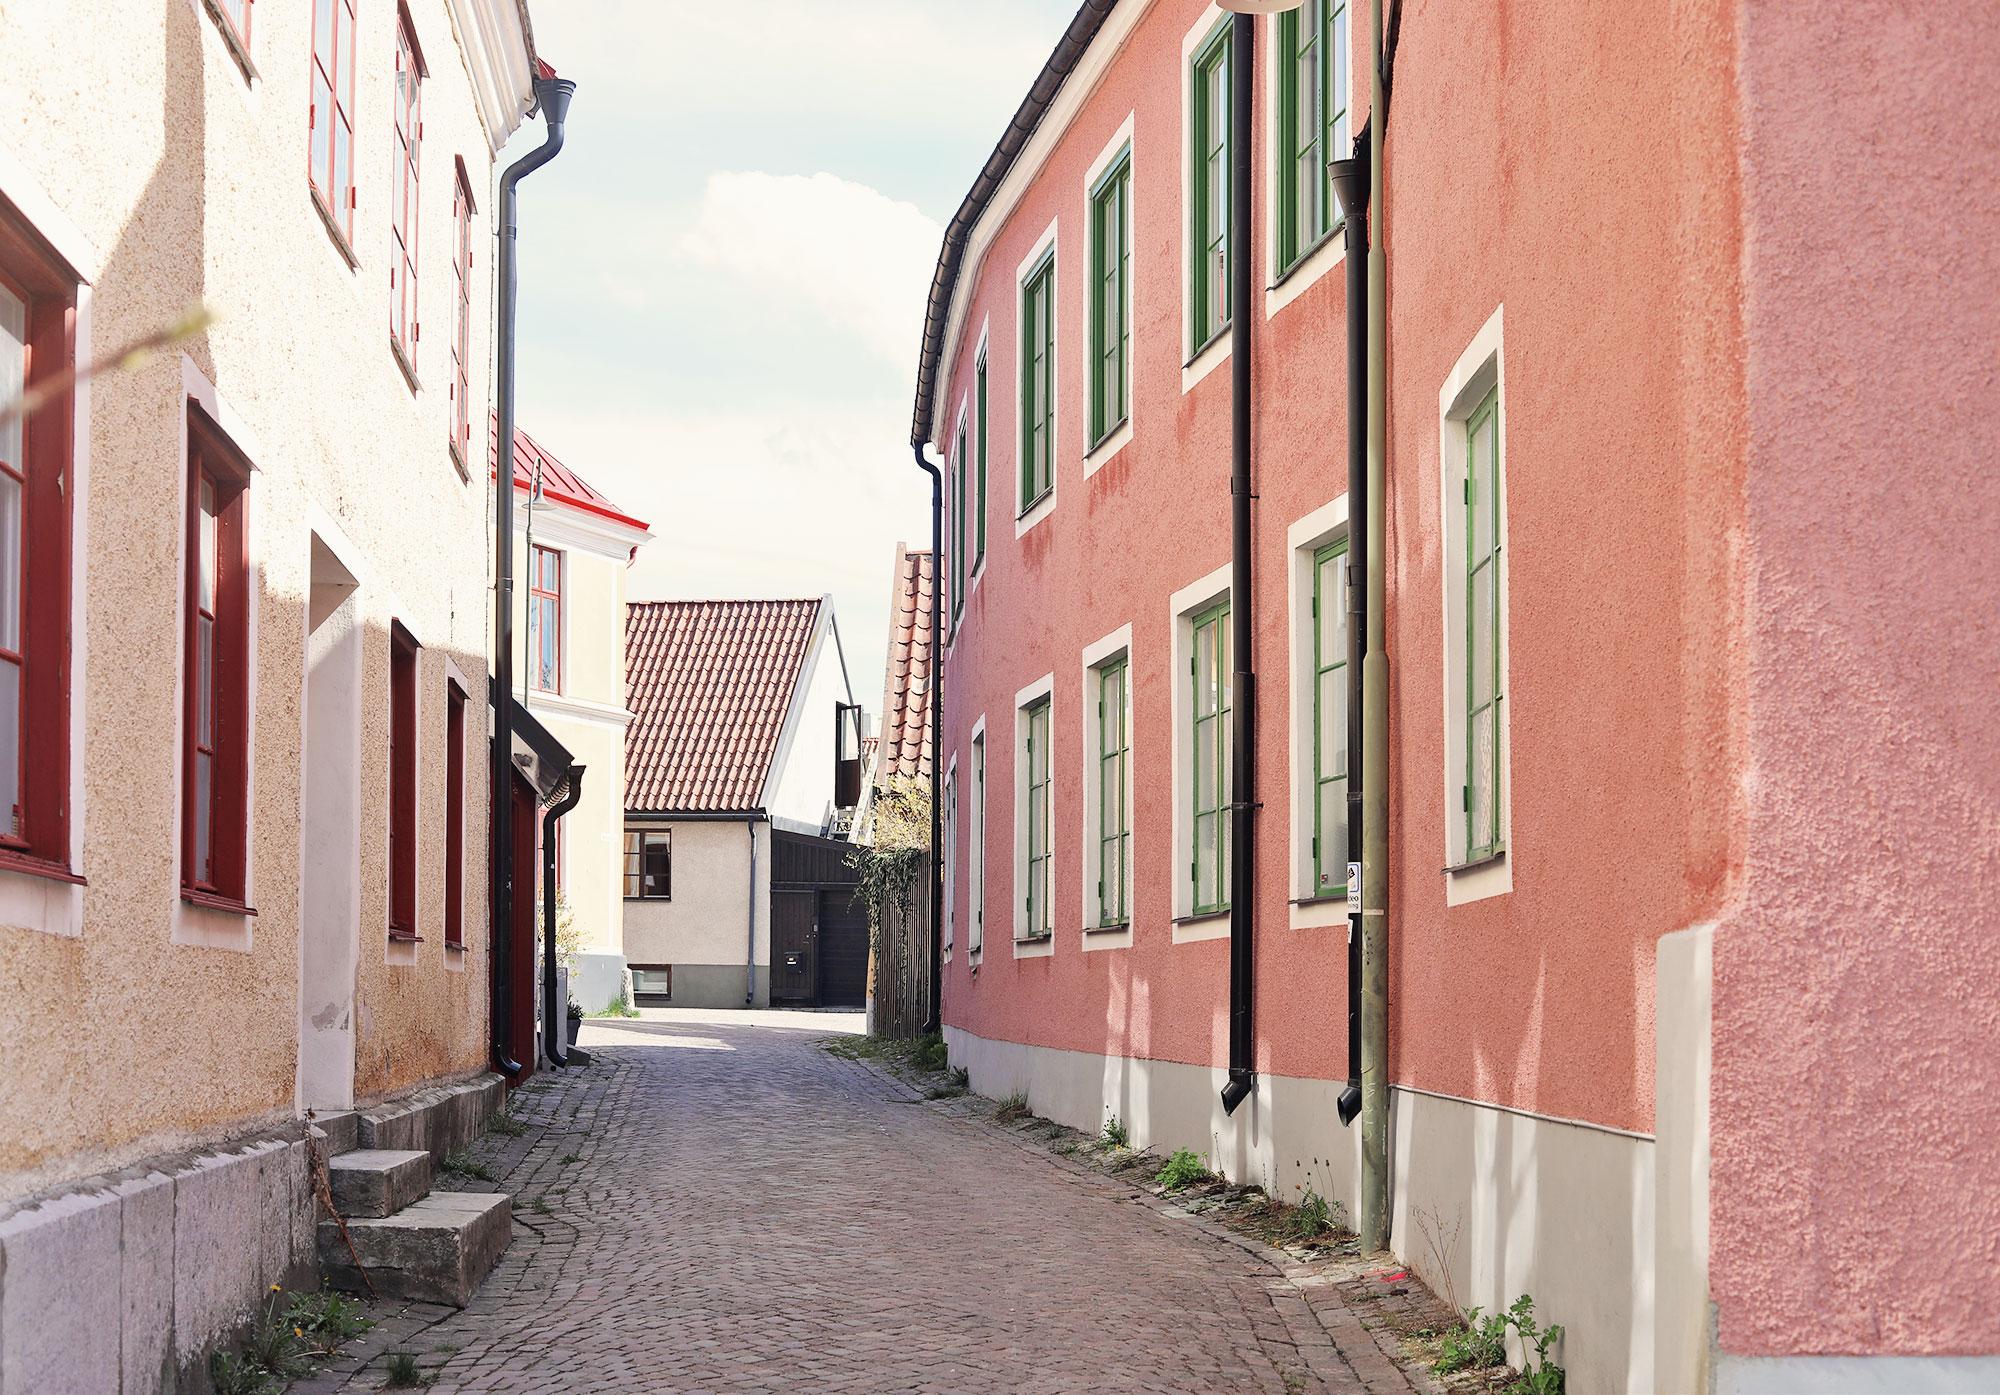 visby gotland vår hus rosa gränder gator